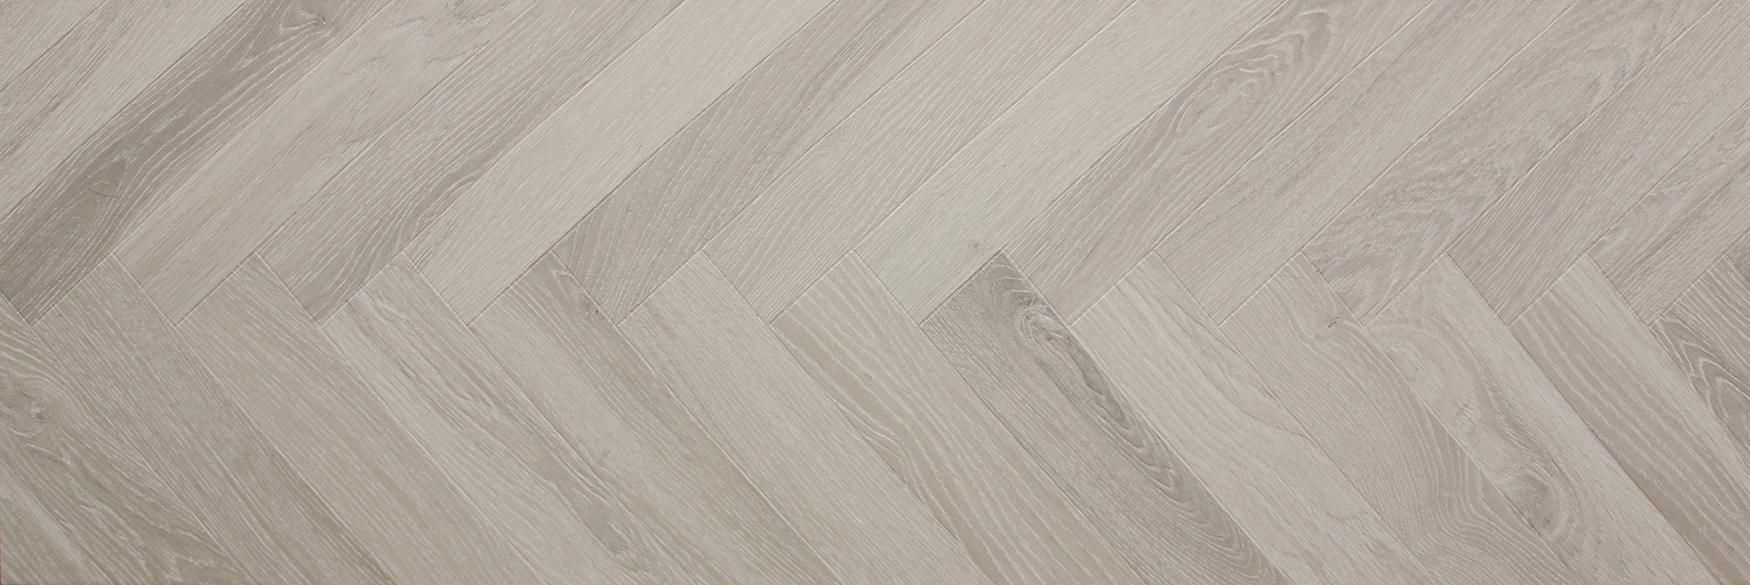 Ламинат Hessen Floor/Queen Style AC5 (9281-2) Дуб Ричмонд  1200*400*12мм(1уп,-2,4м2) 34кл.